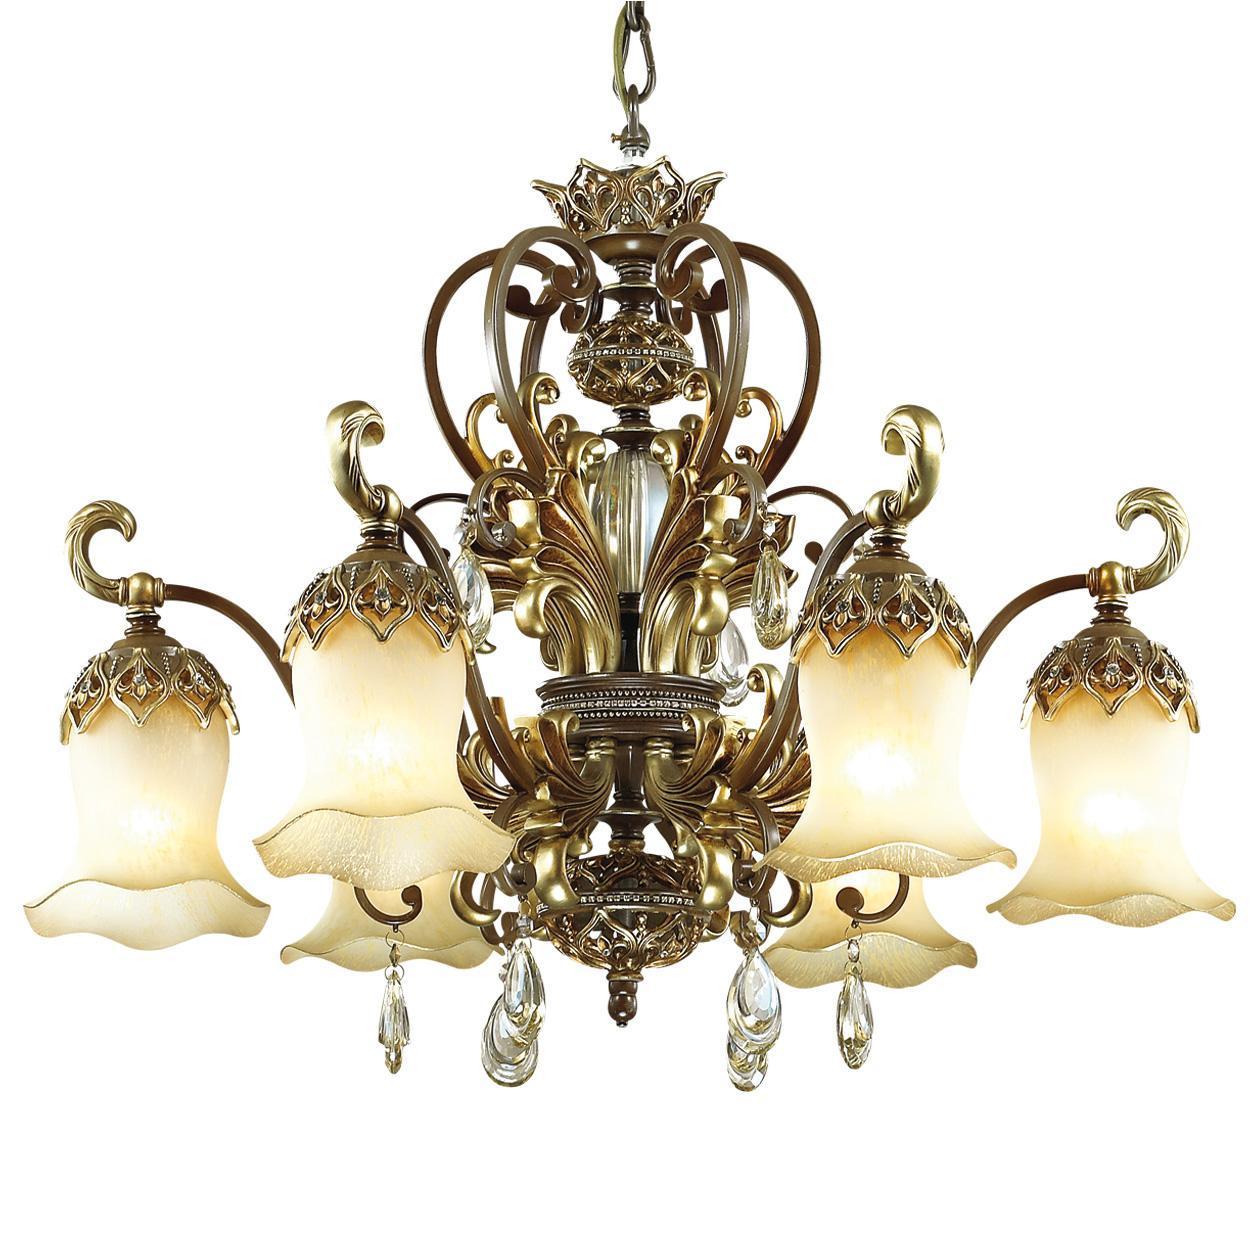 Подвесная люстра Odeon Light Safira 2802/6 benetti подвесная люстра odeon light safira 2802 8